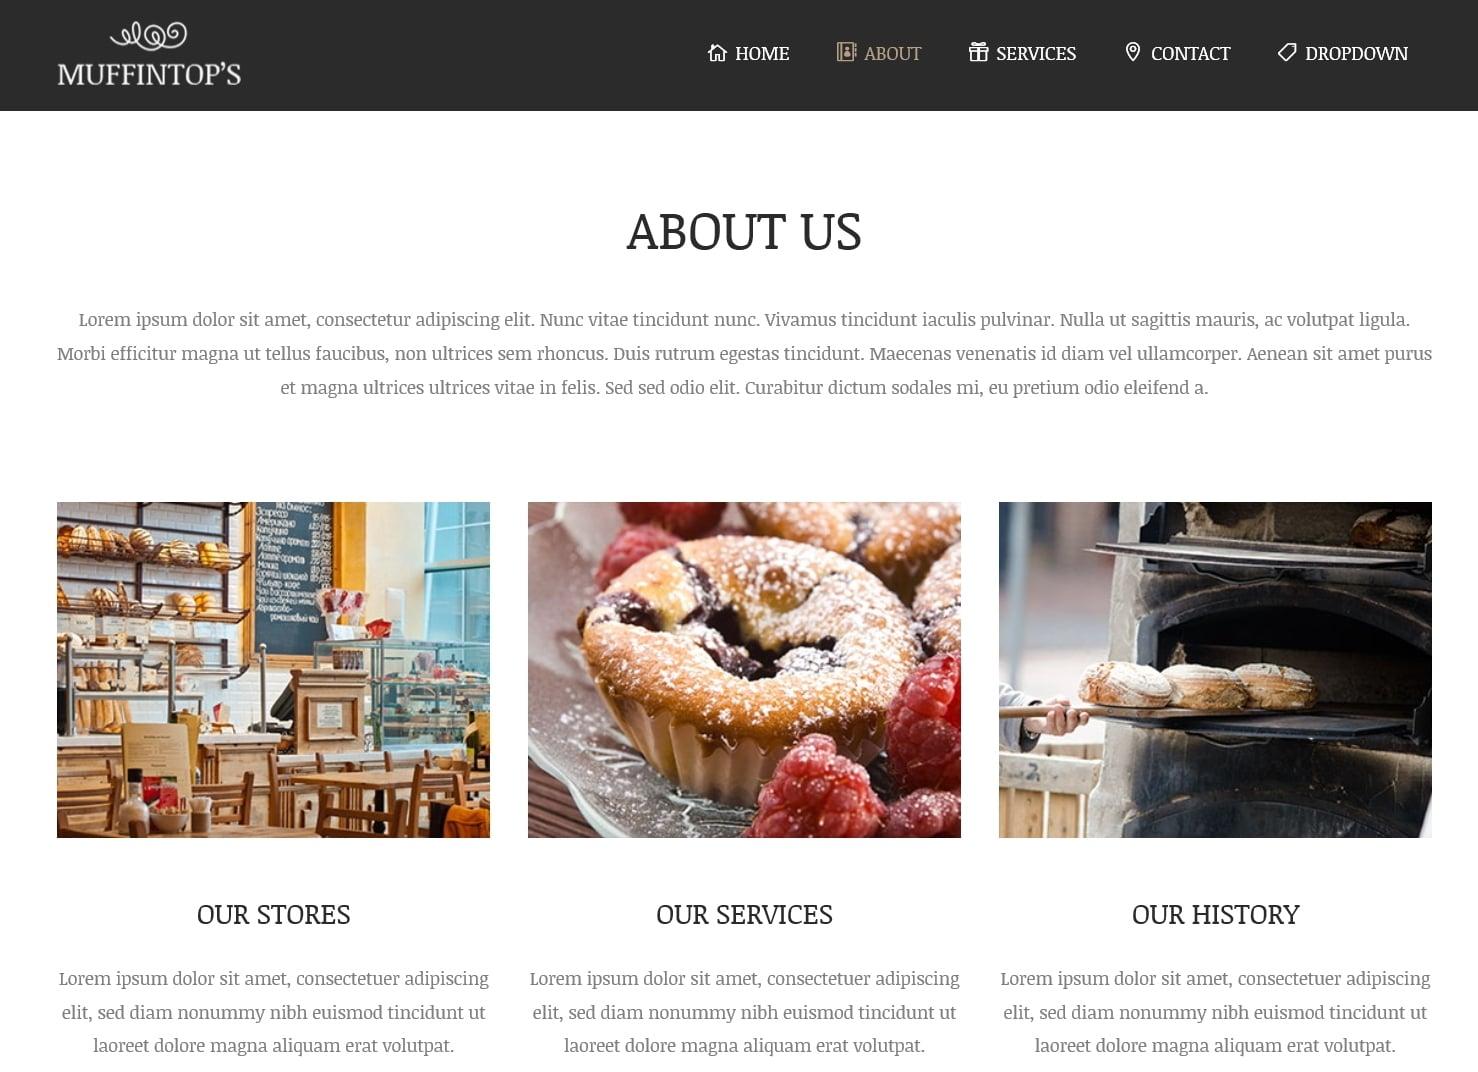 表面功夫版型參考-餐飲服務業-About Page